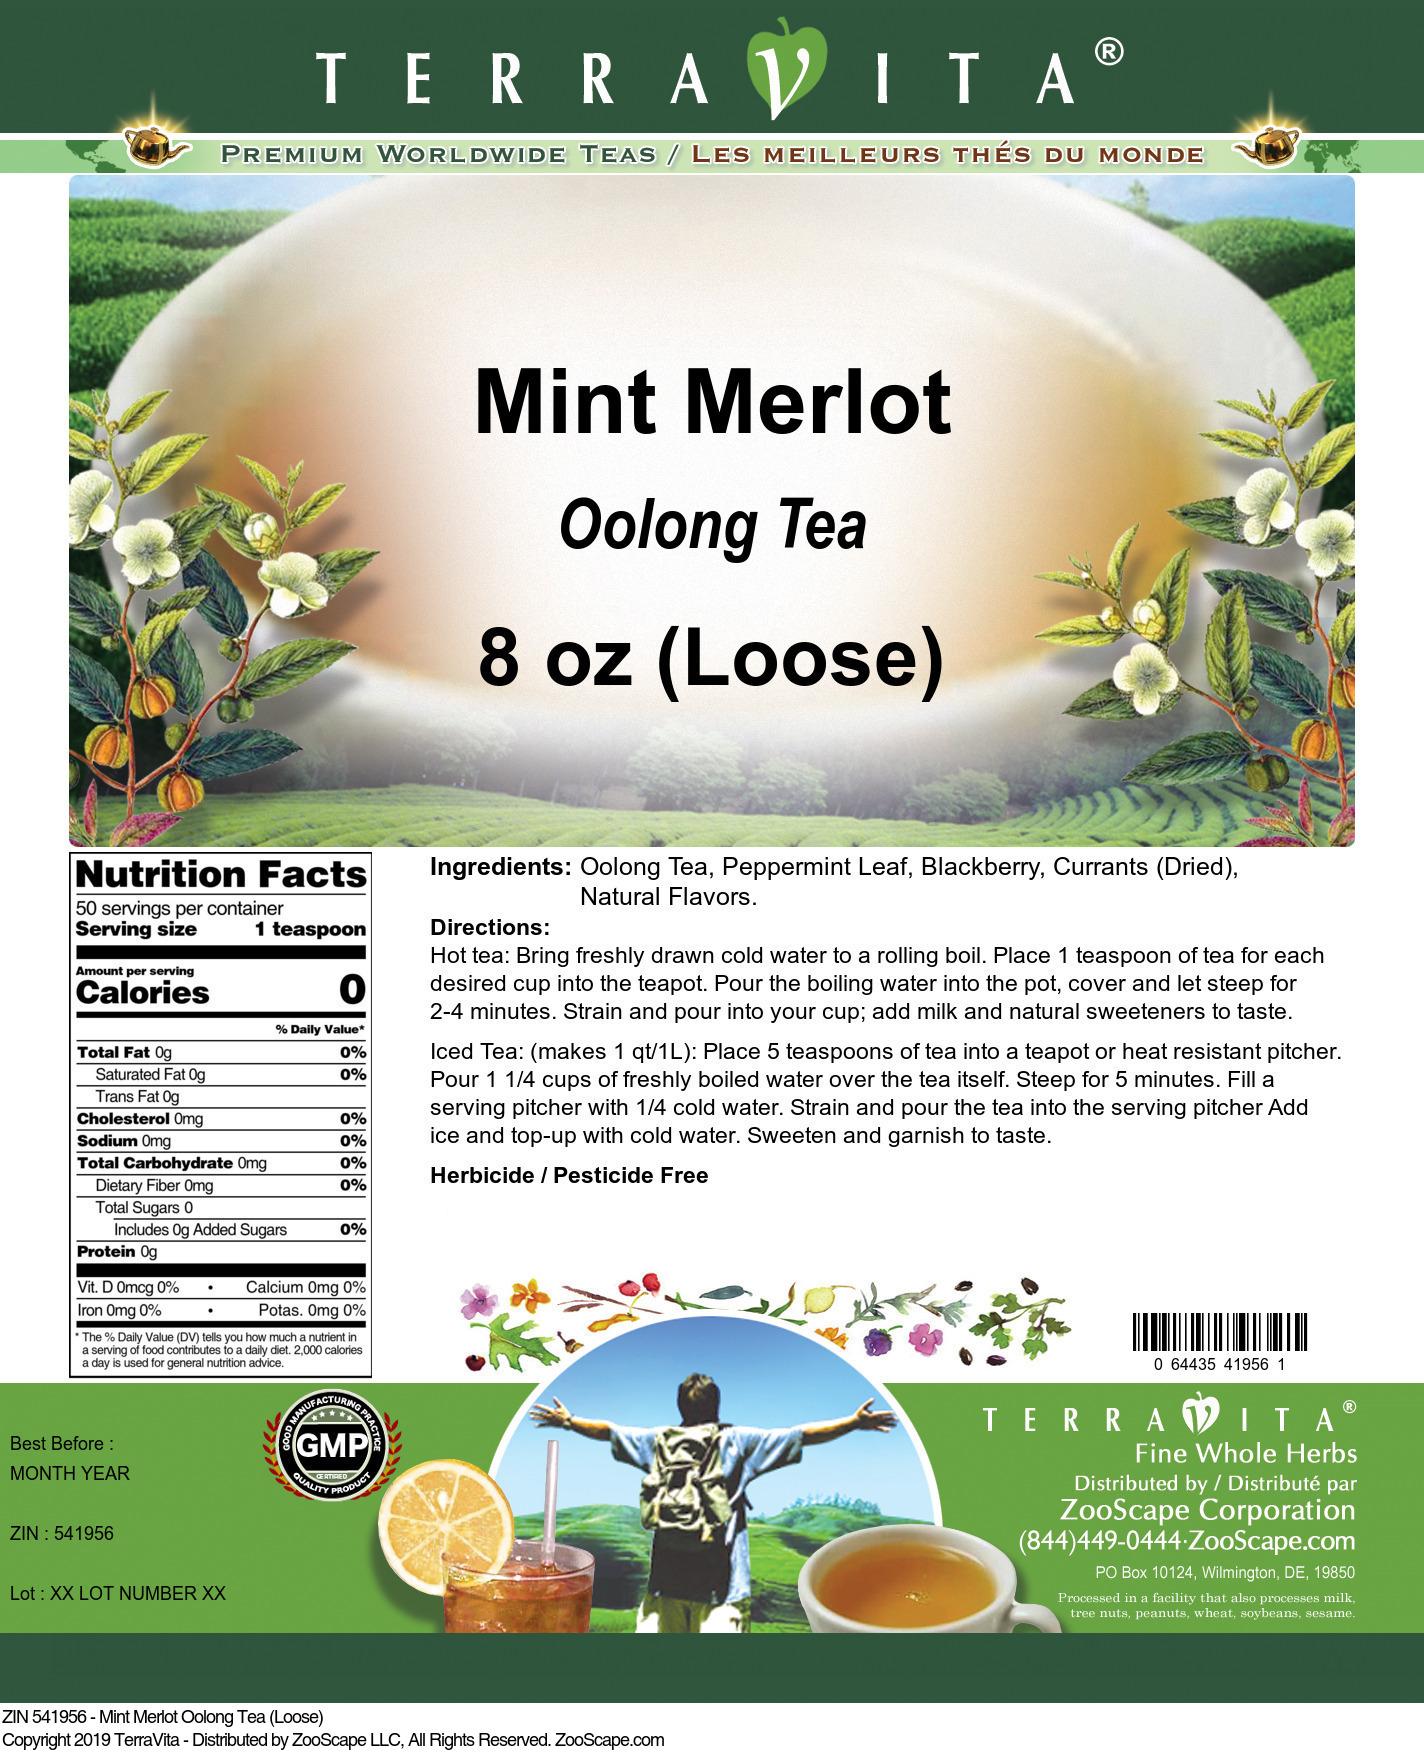 Mint Merlot Oolong Tea (Loose)